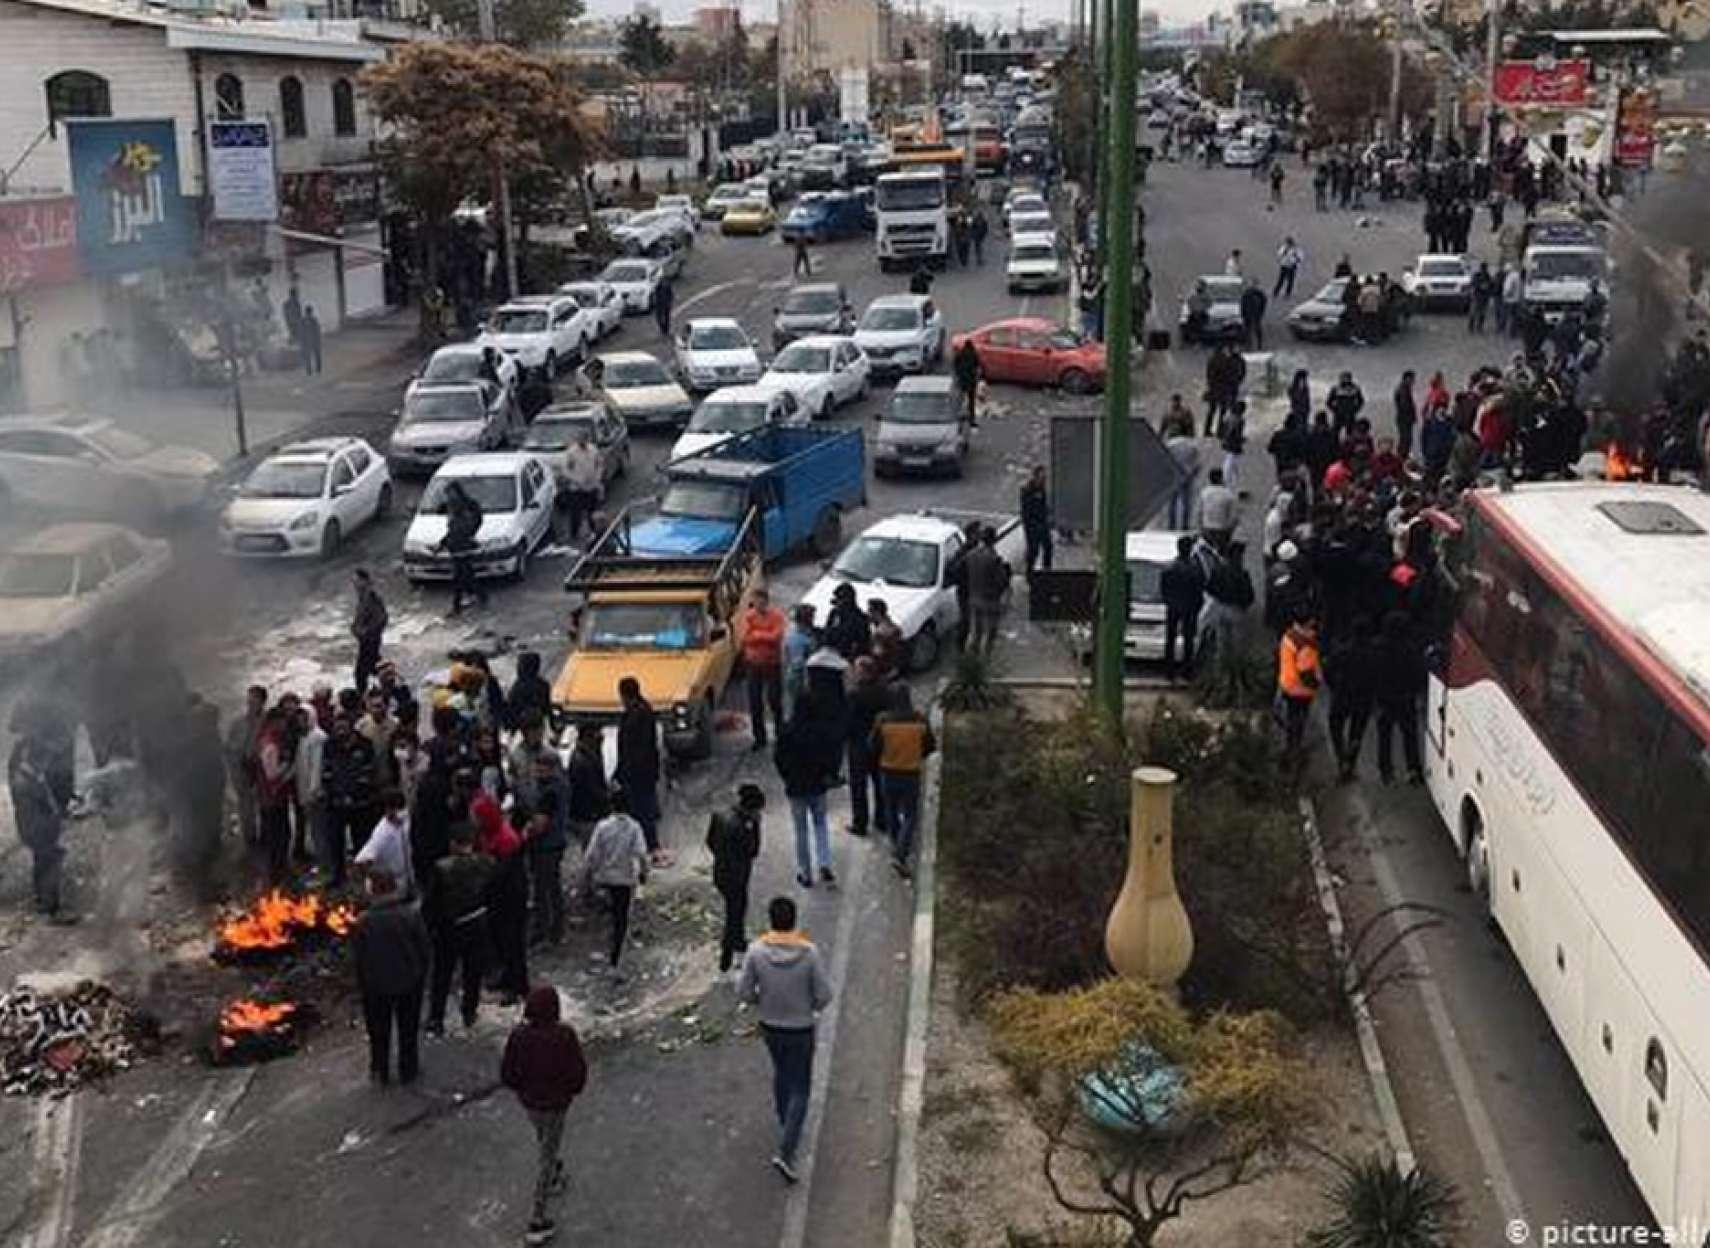 اخبار-ایران-اعتراضات-مردم-ایران-در-پشت-دیوارِ-بیخبری